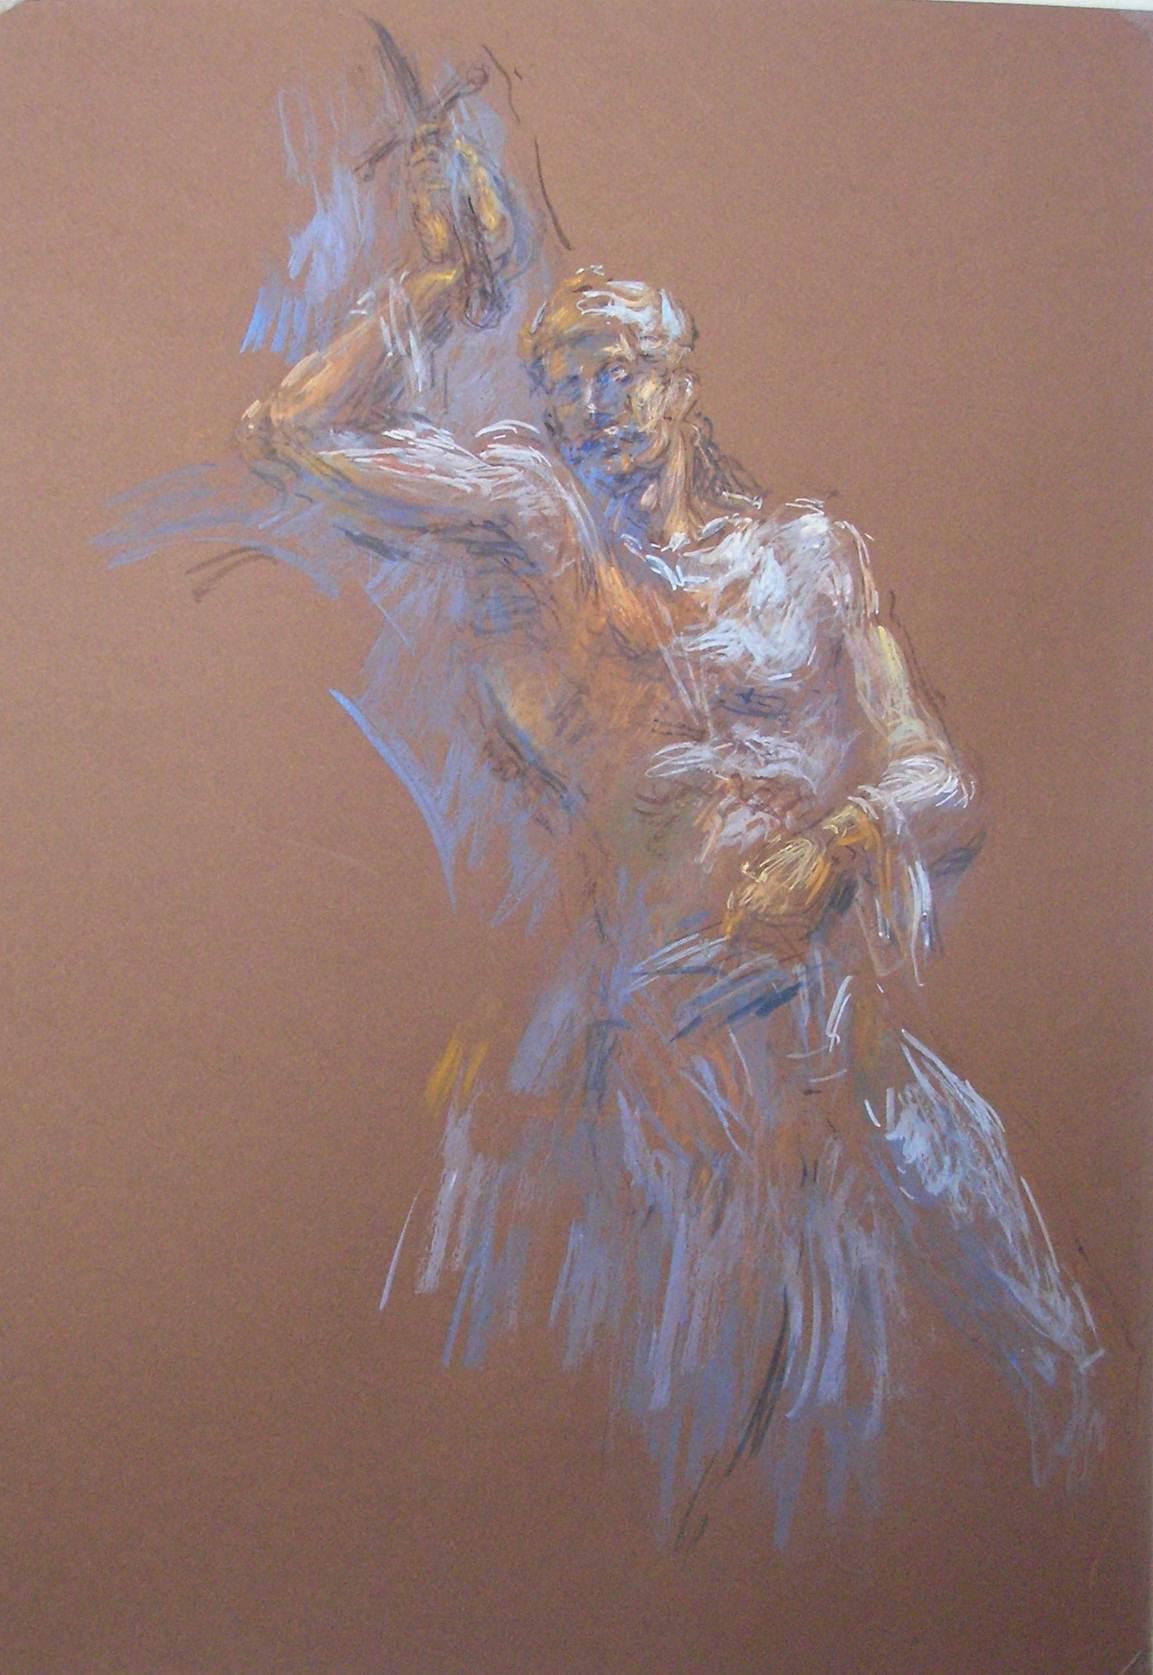 Θνήσκων ήρωας_Ζωγραφικός πίνακας Δημήτρη Κούρου